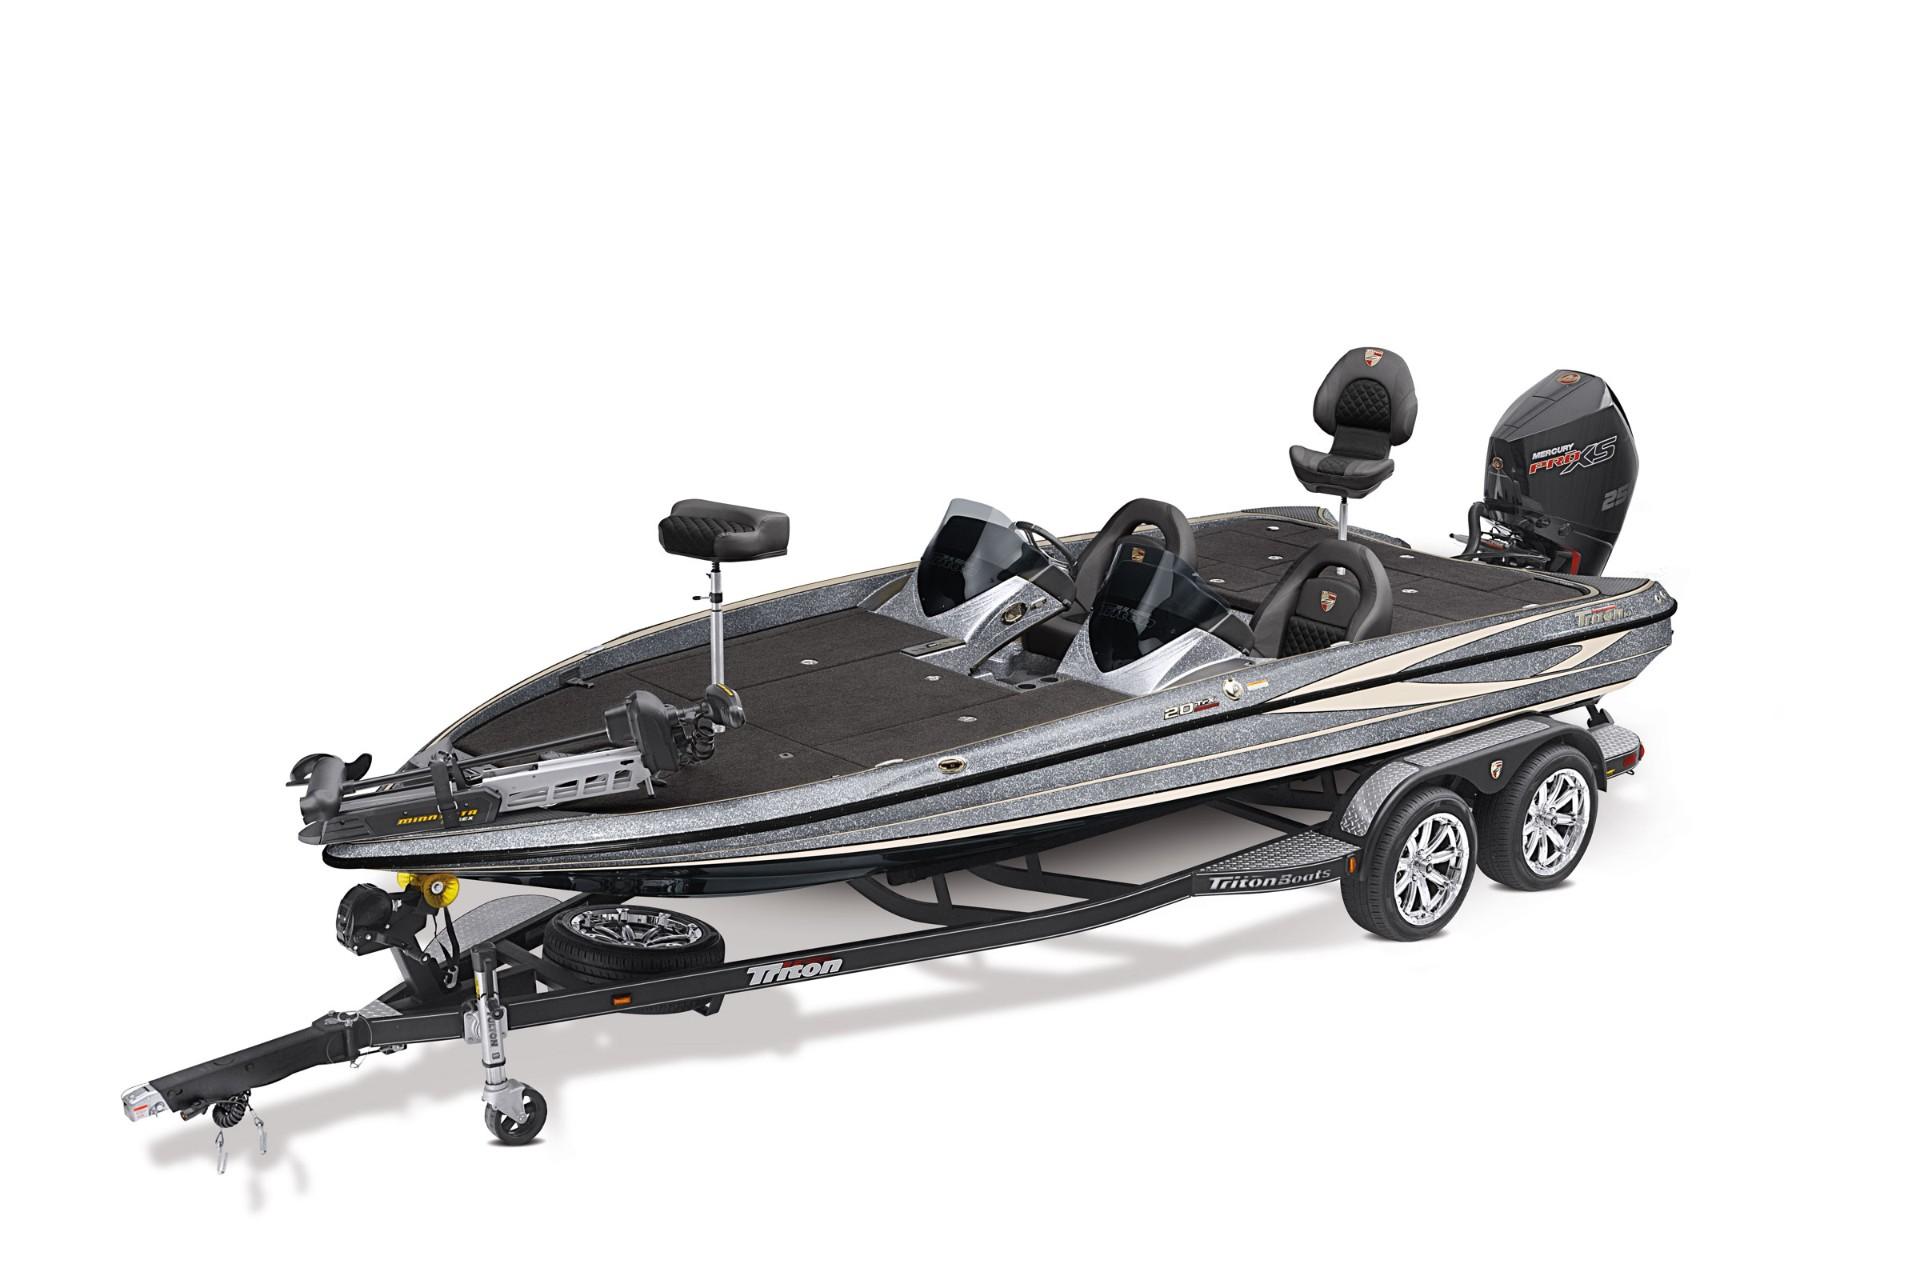 2020 Triton 20-TrX - Vics Boats